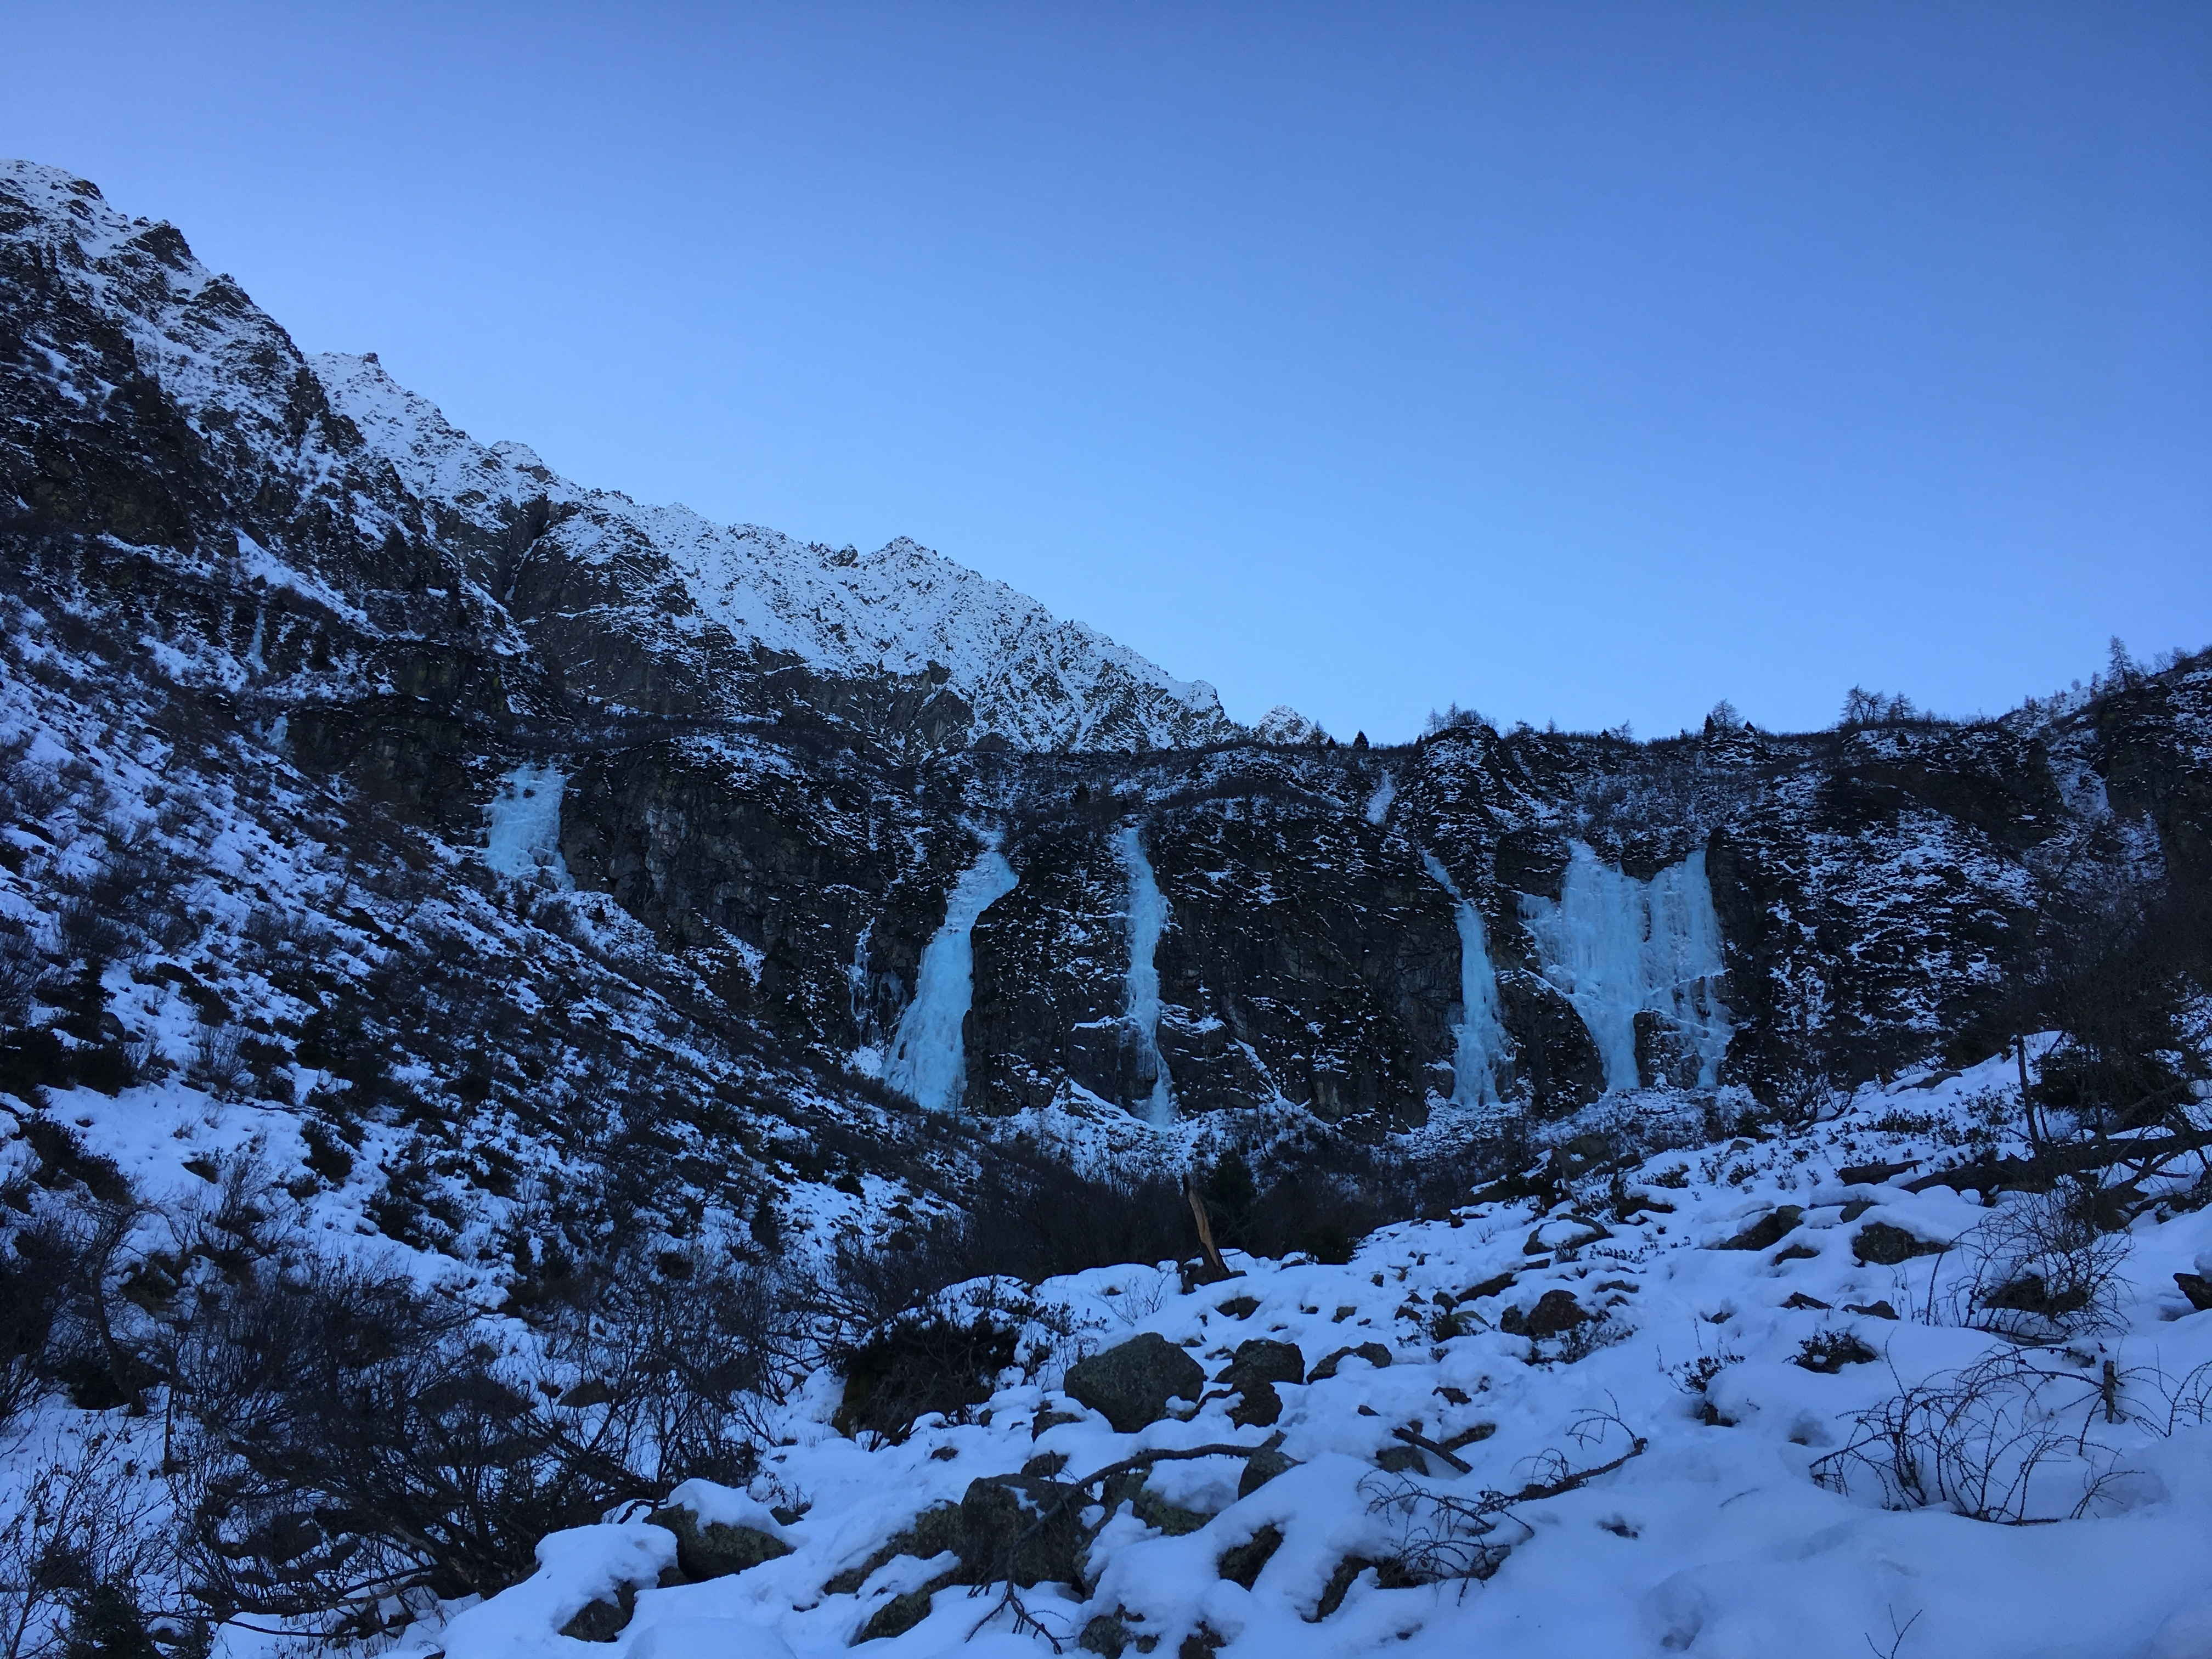 Le cascate di ghiaccio di Valbione dal sentiero che porta agli attacchi